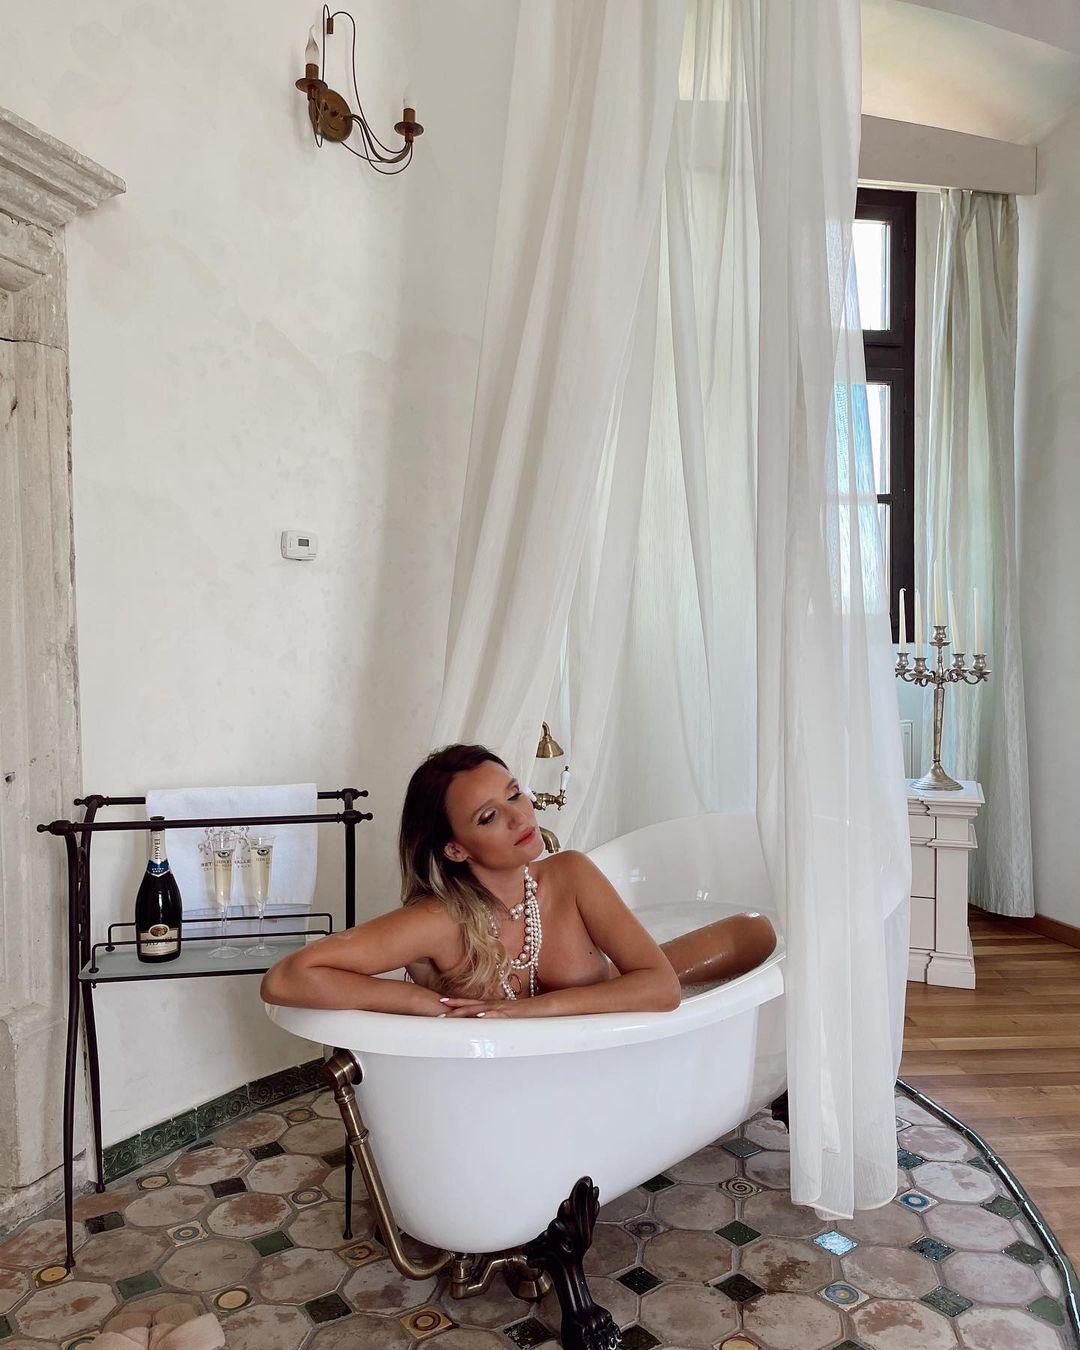 Cele mai extravagante imagini cu Carmen Negoita de la